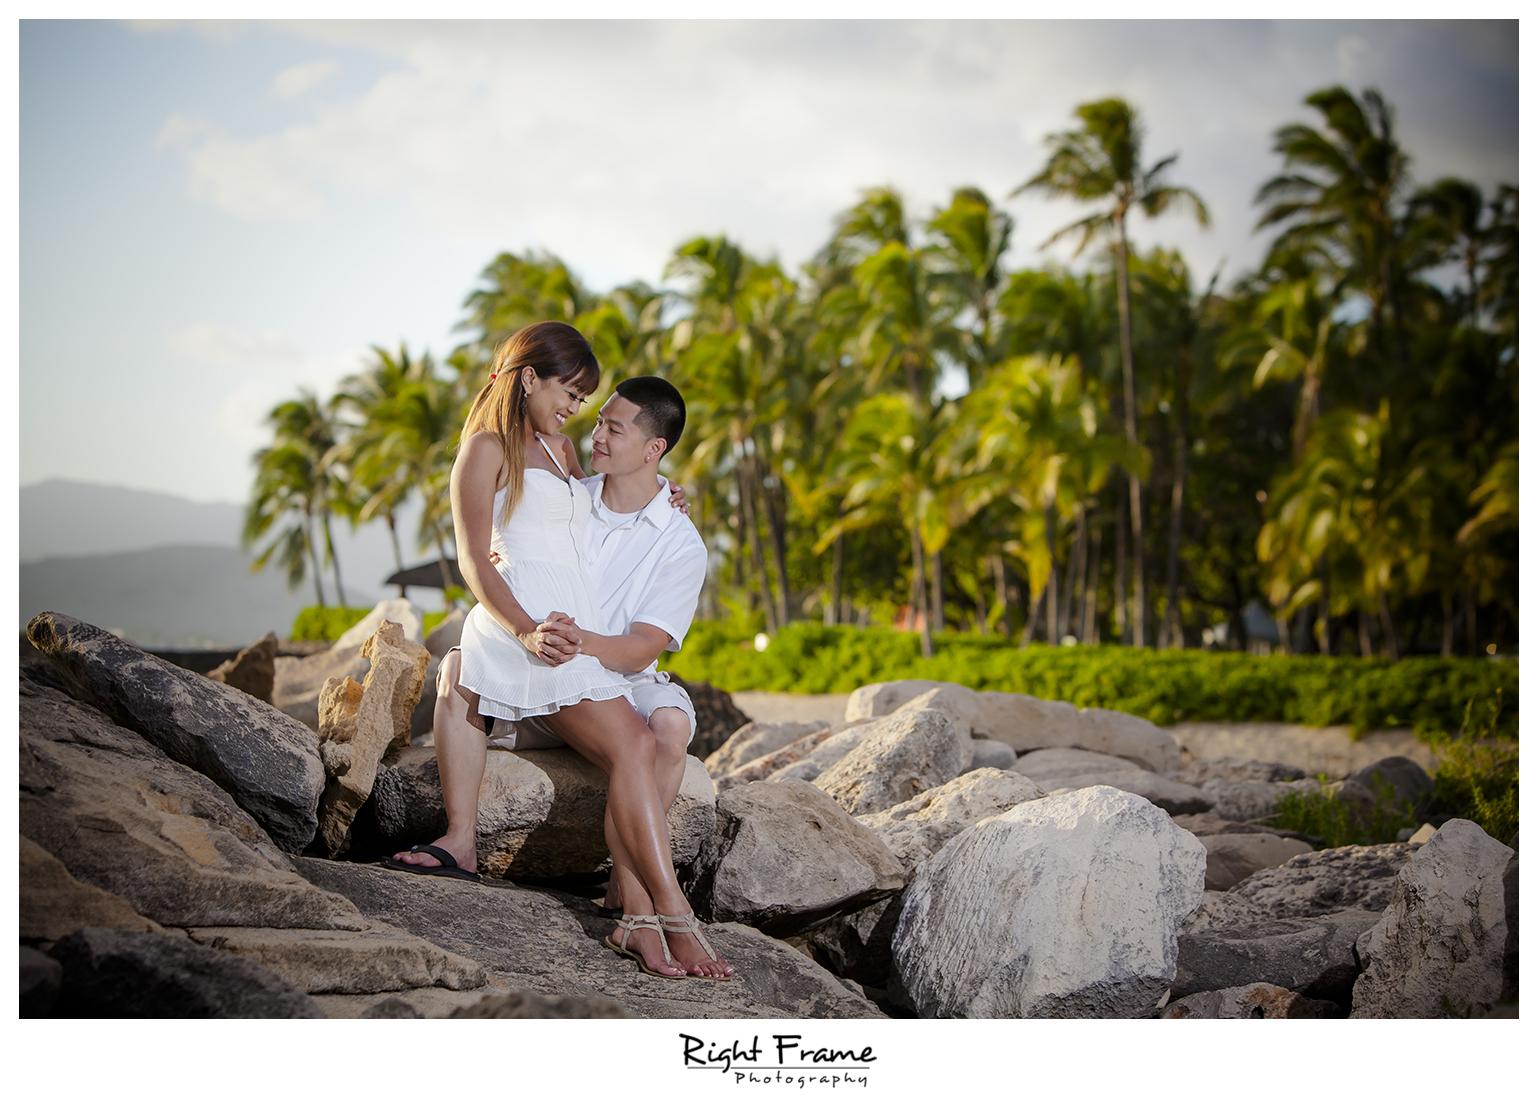 003_honolulu_engagement_photographers